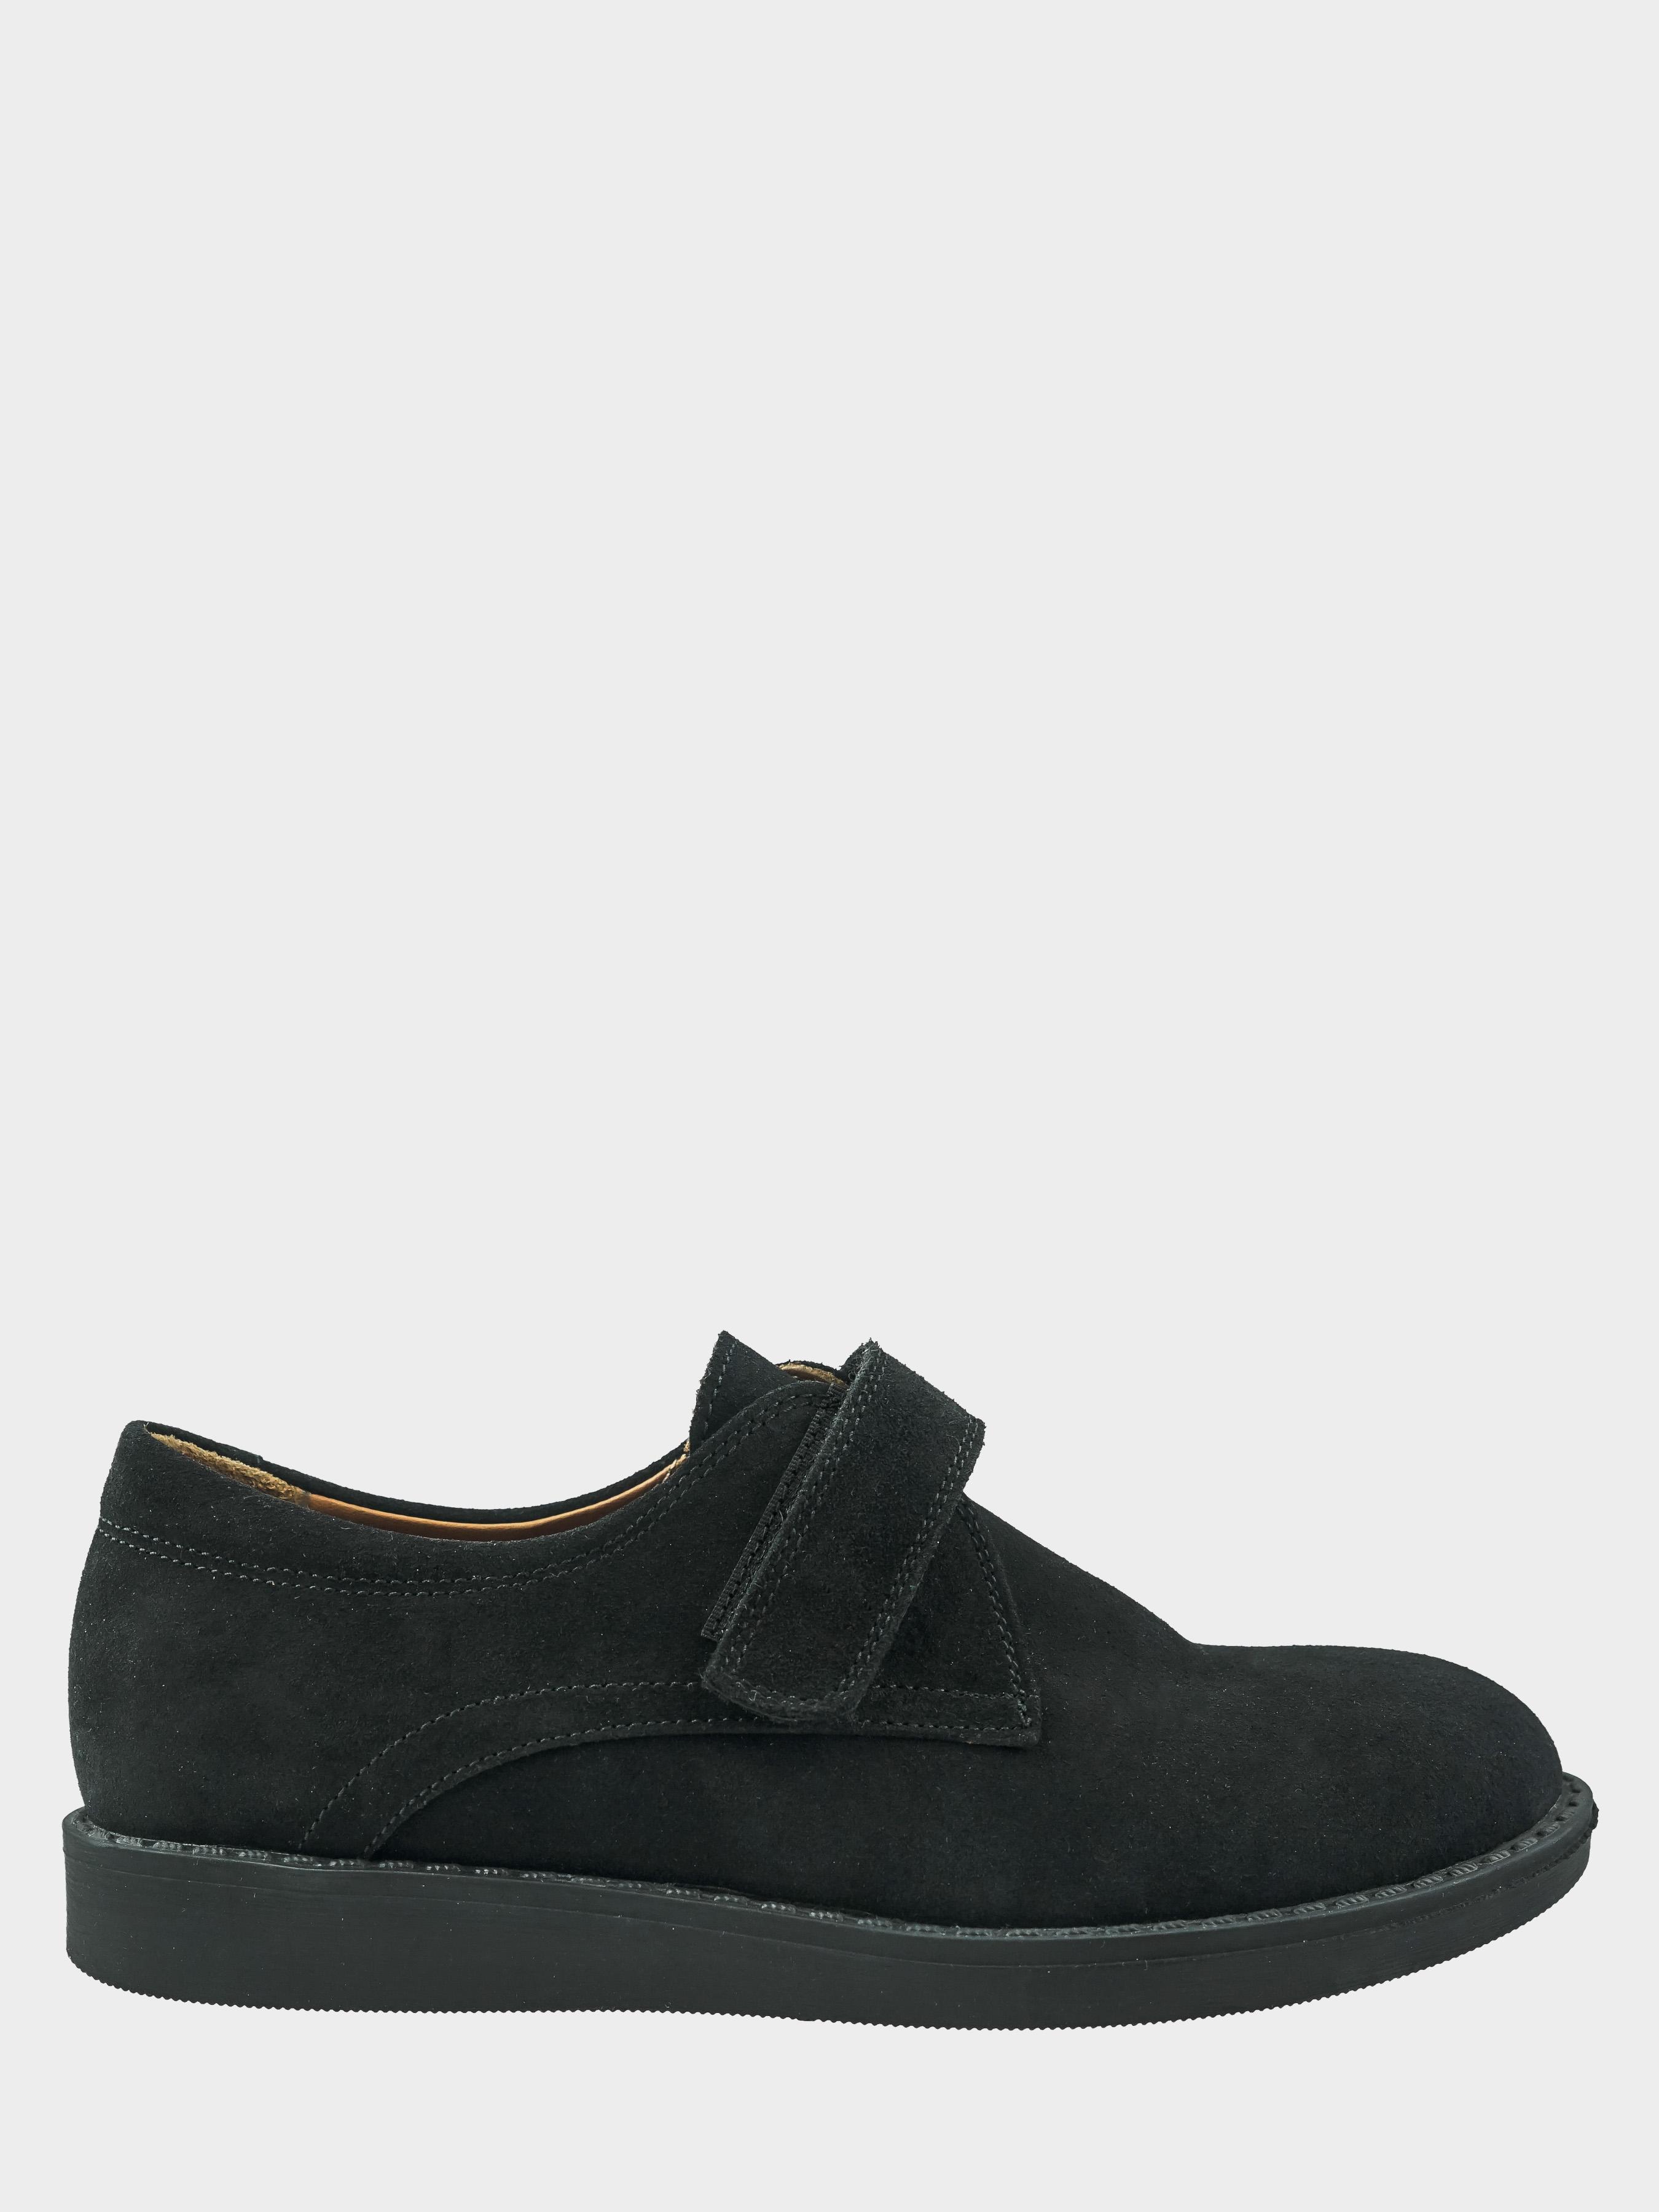 Купить Туфли детские Туфли для мальчиков SE-328-201, 11 shoes, Черный